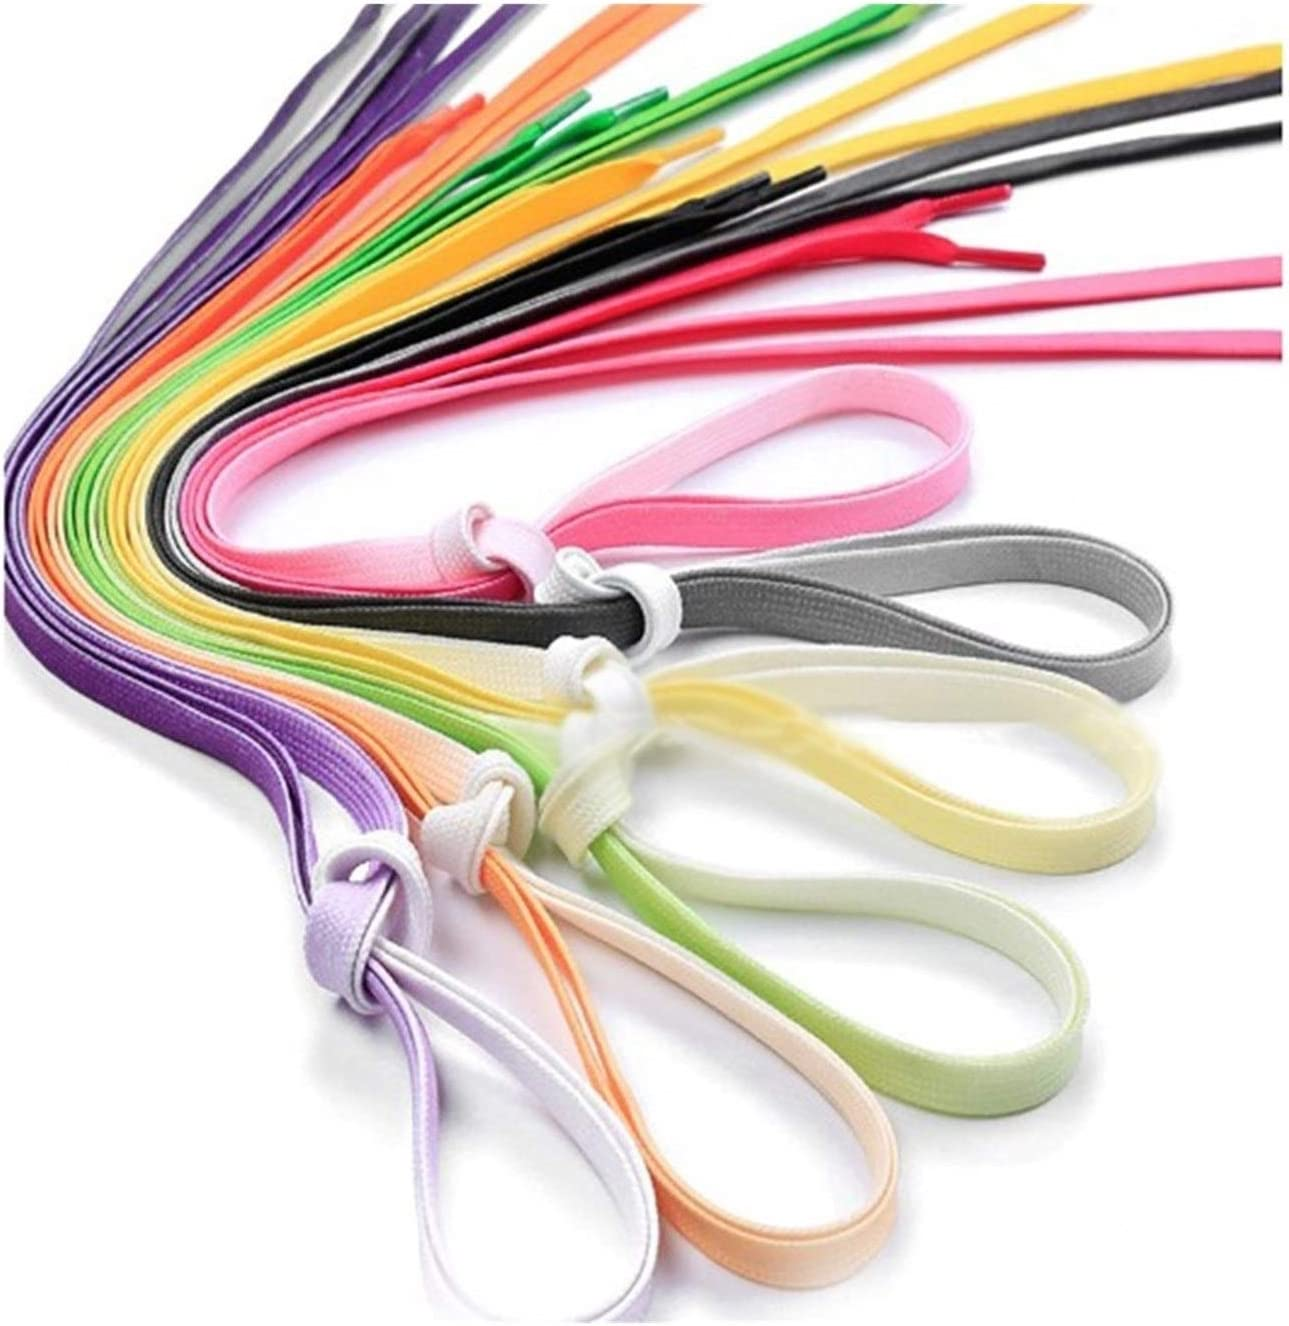 1Pair Colourful Shoelaces Monotone Shoe Canvas L laces Ranking TOP8 Limited price sale Fashion